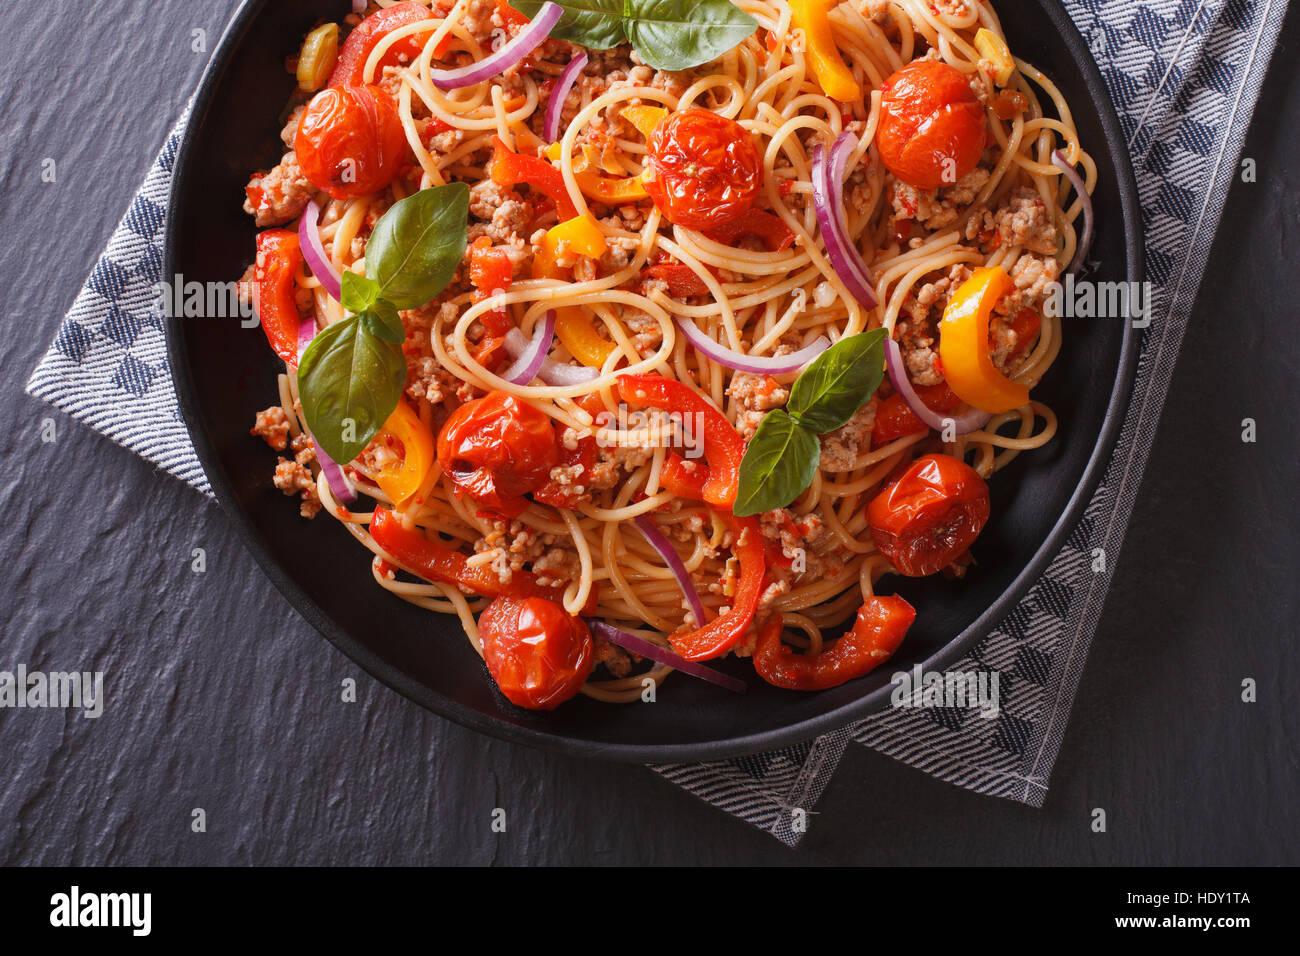 La cuisine italienne: pâtes avec de la viande hachée et légumes close-up. Vue supérieure Photo Stock